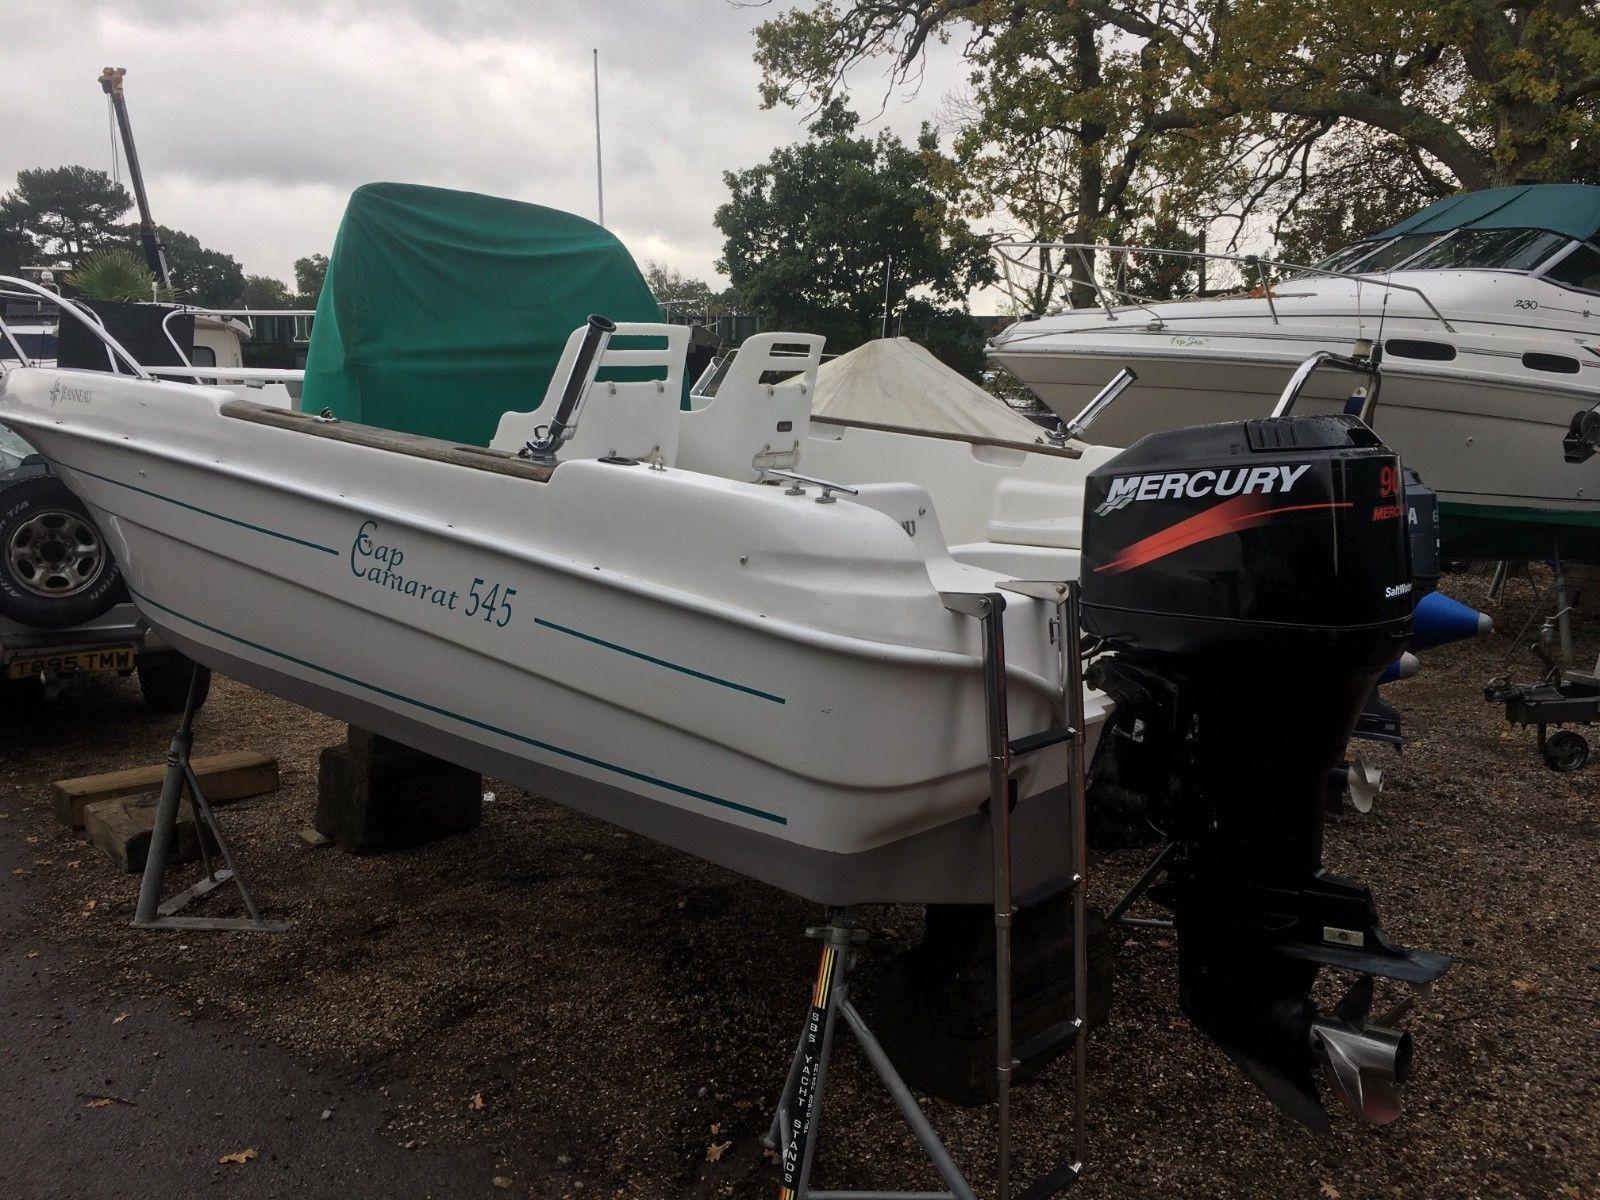 www buoyztoyz co uk , Boats for sale